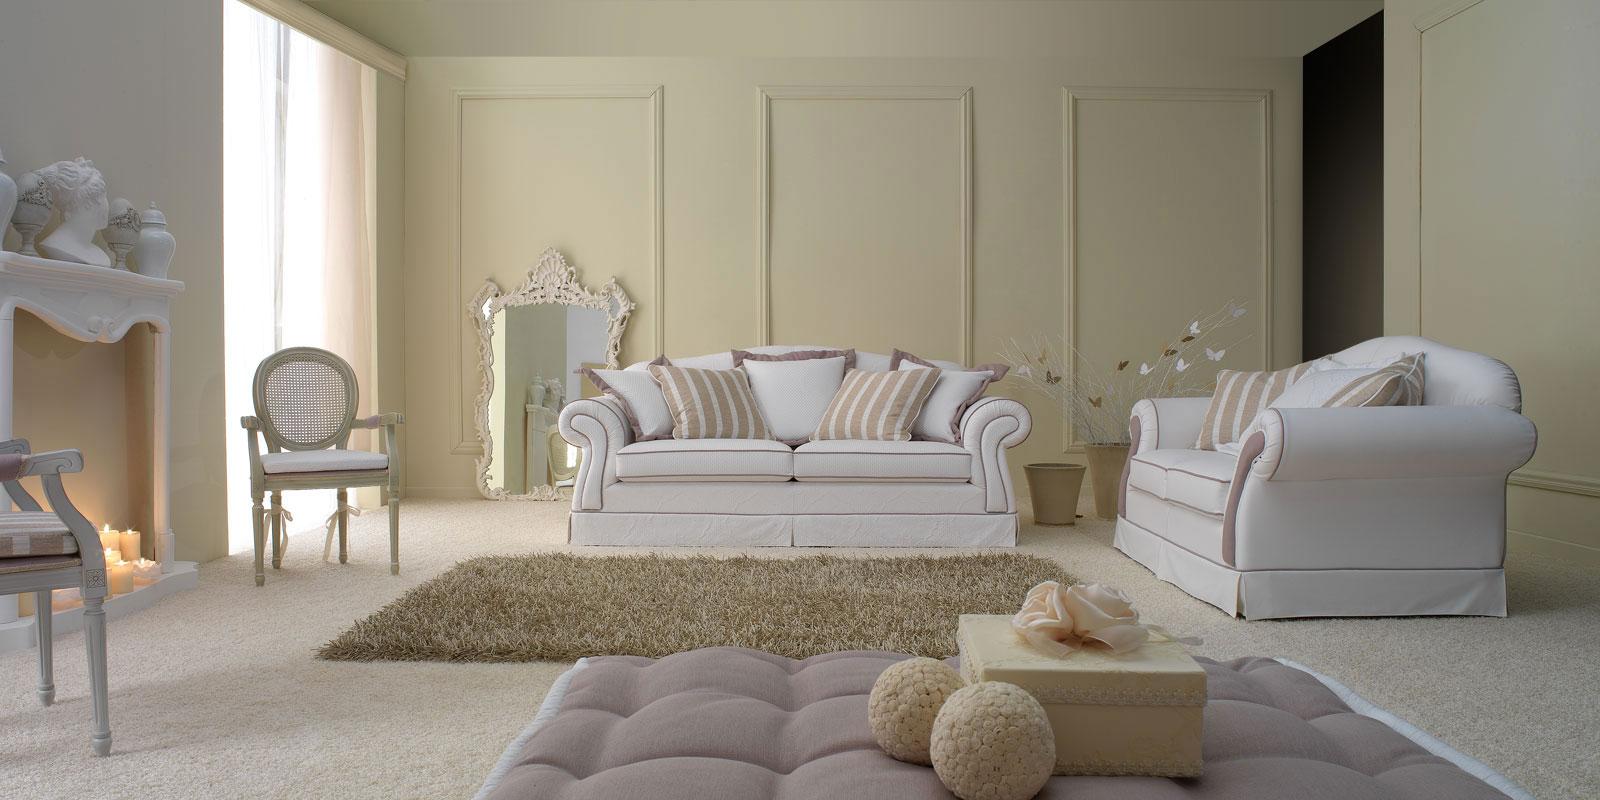 Salotto classico arredamento con camino: arredare salotto moderno ...